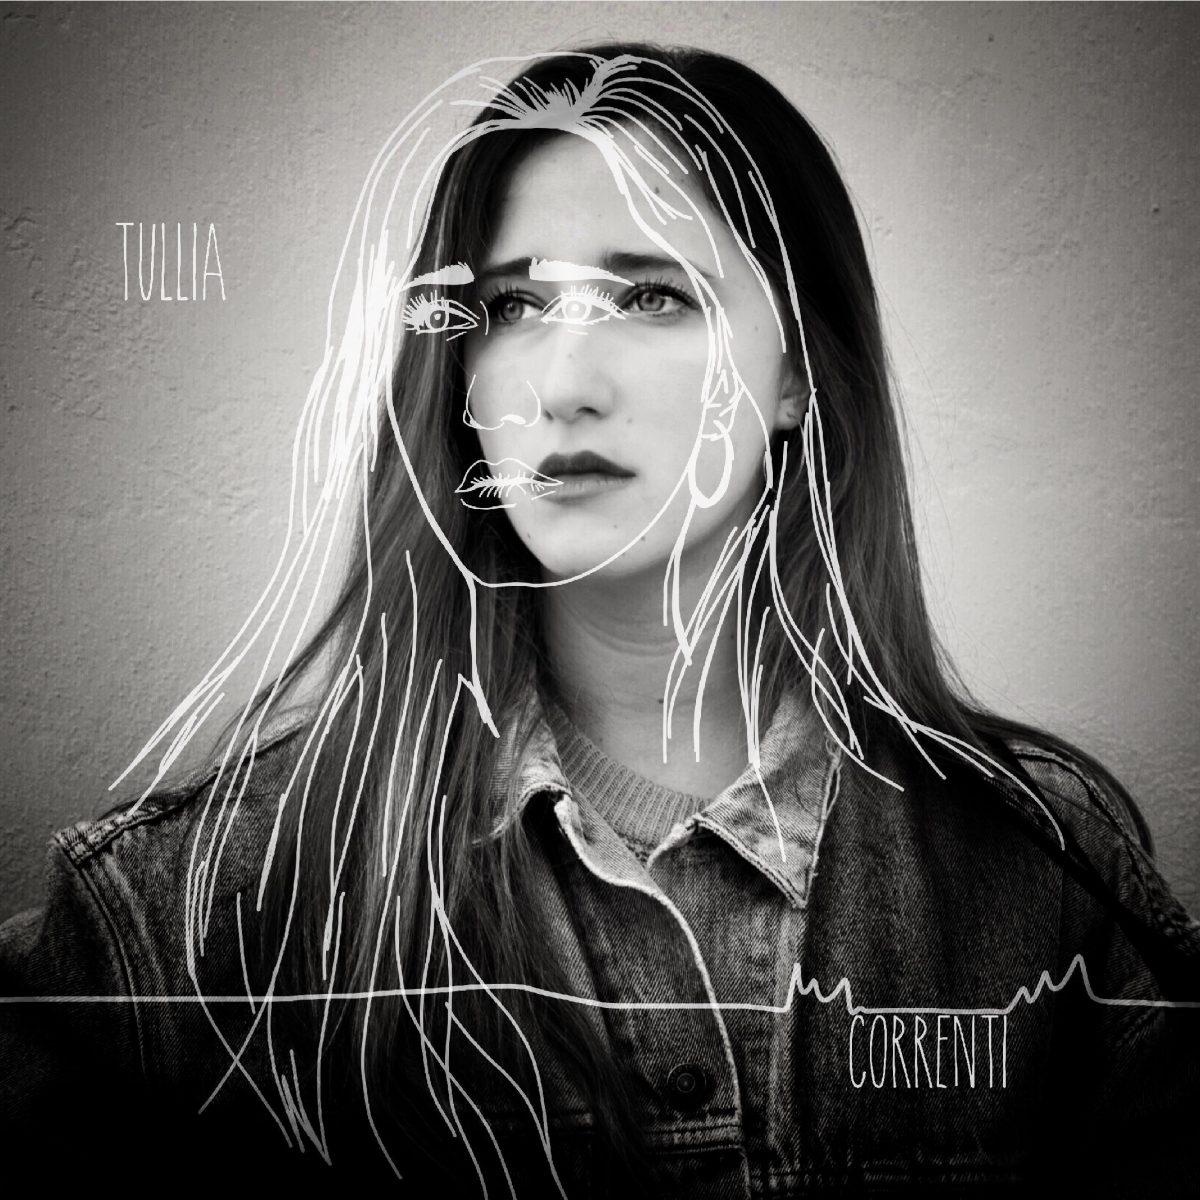 """Il 25/01/19 esce """"Correnti"""" titolo dell'LP di debutto di Tullia"""